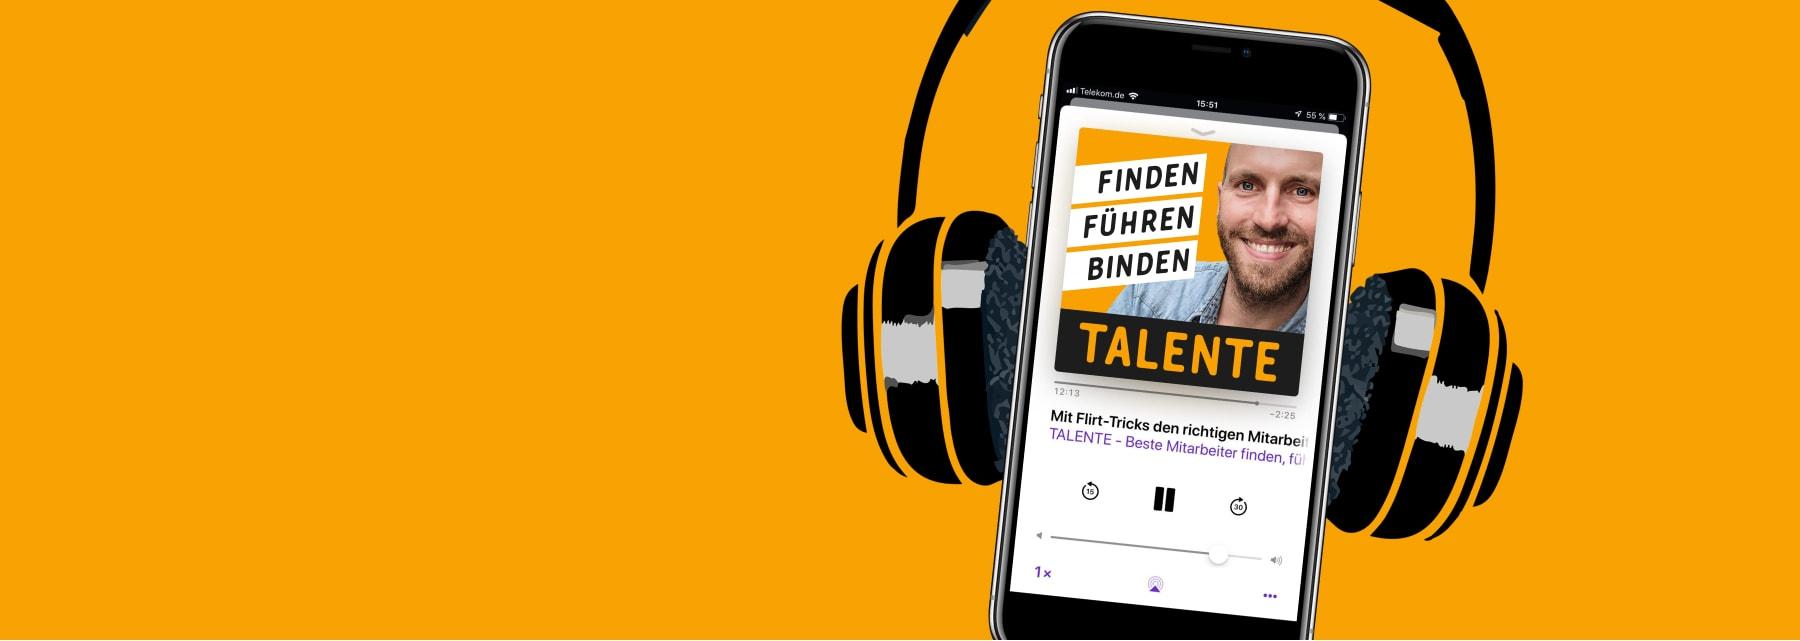 Talente Podcast für Unternehmer, Gründer, Recruiting, Fuehrung, Startups und Selbstständige mit Michael Asshauer